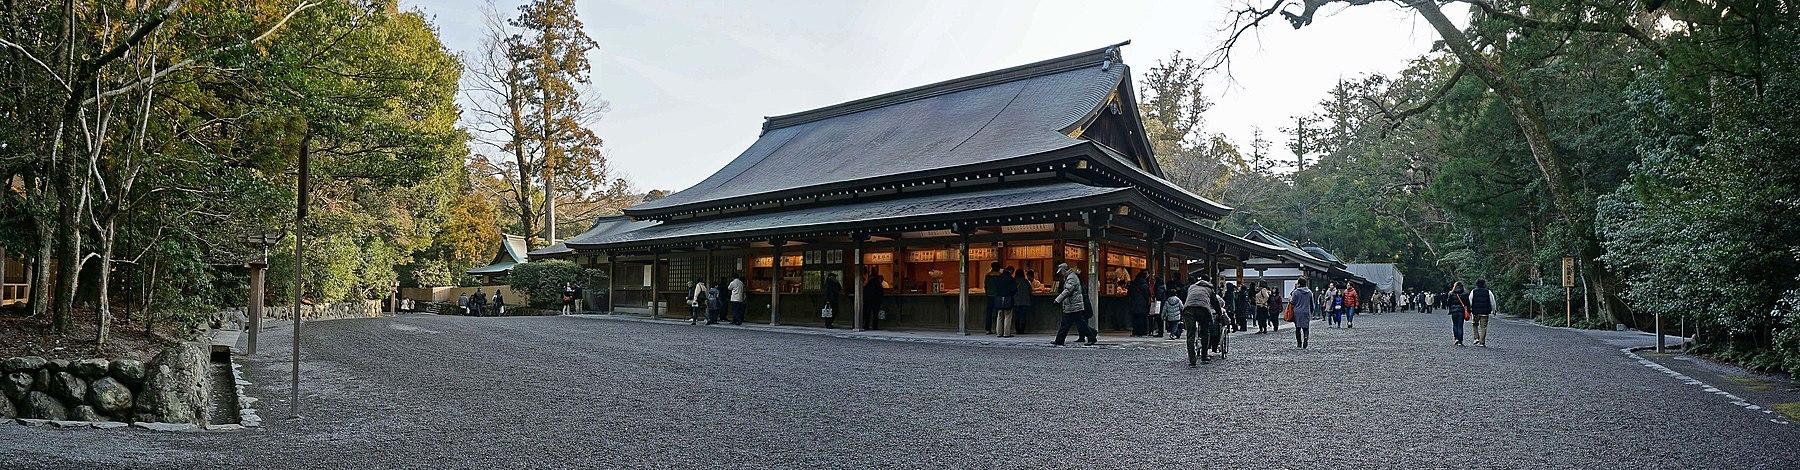 Ise grand shrine Naiku , 伊勢神宮 内宮 - panoramio (15).jpg